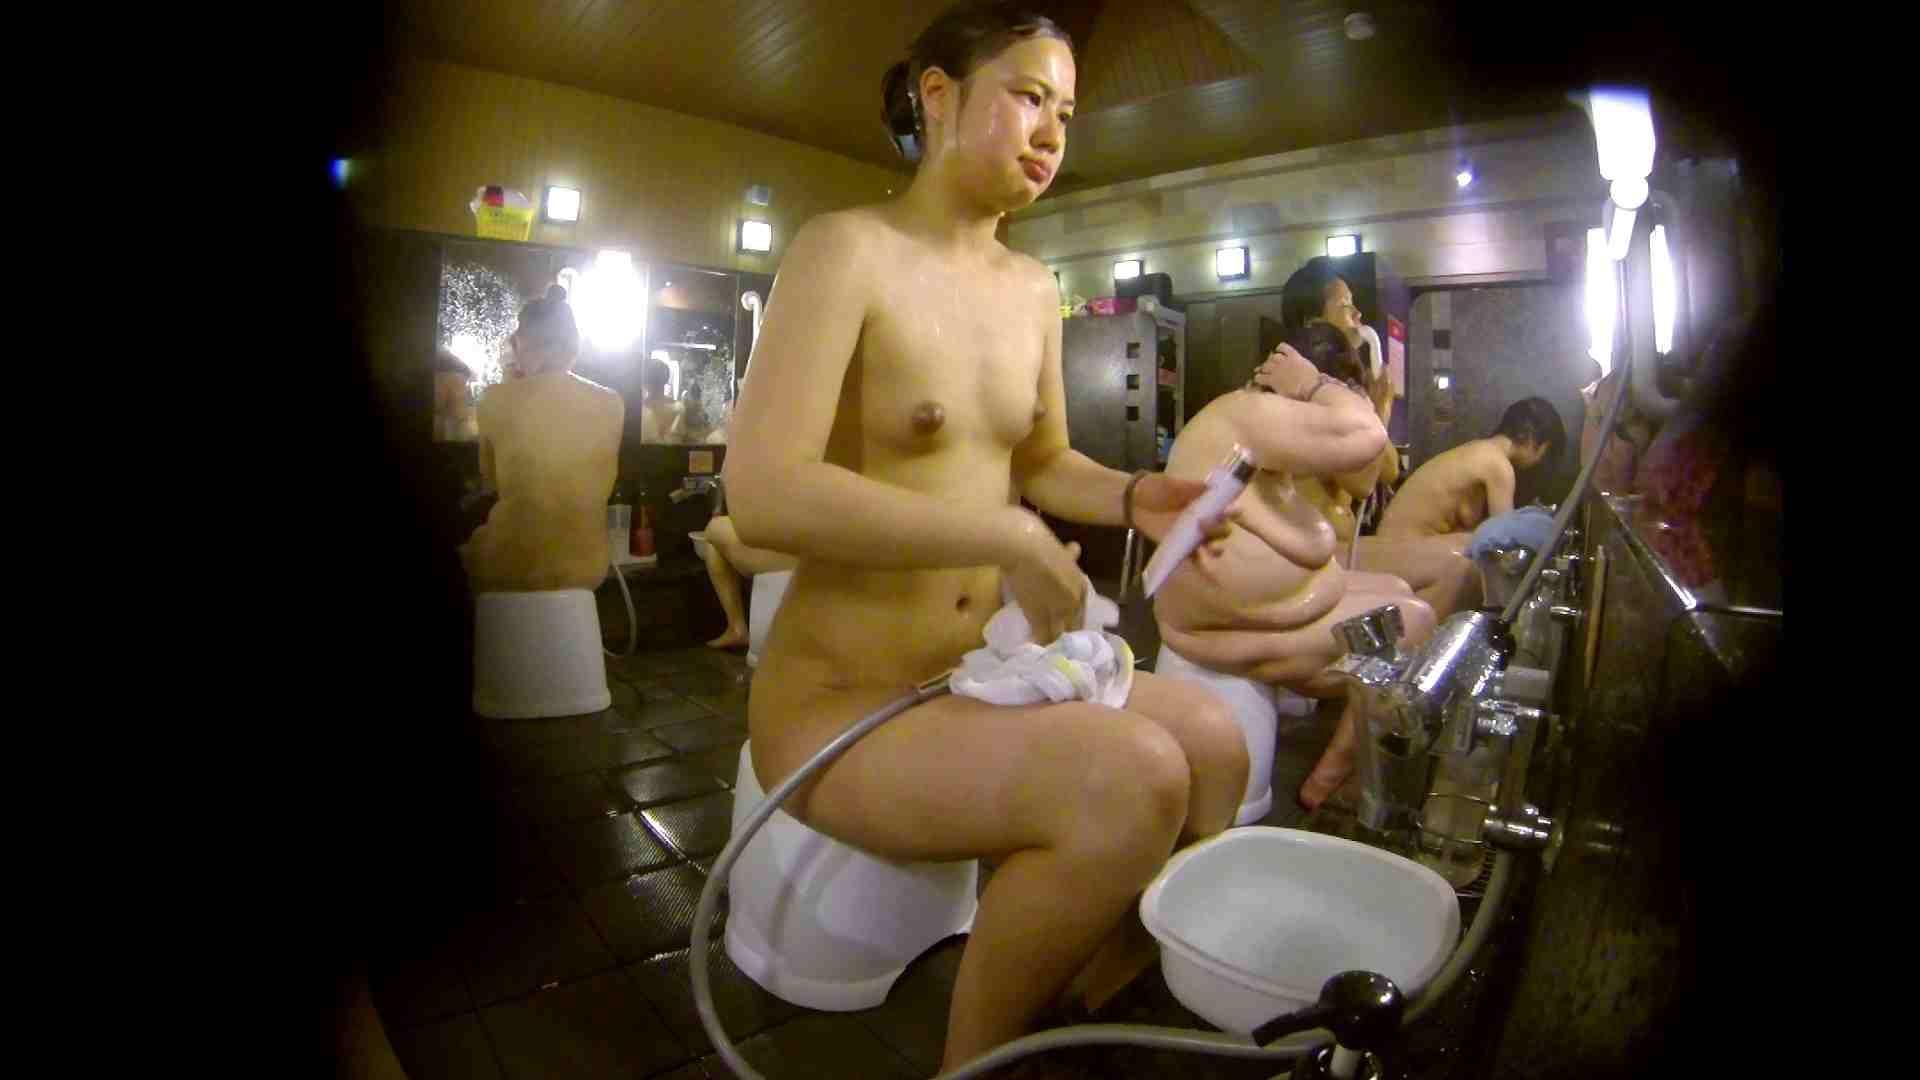 追い撮り!脱衣~洗い場、徹底追跡!撮り師さんに拍手!! 銭湯着替え おまんこ無修正動画無料 95画像 52